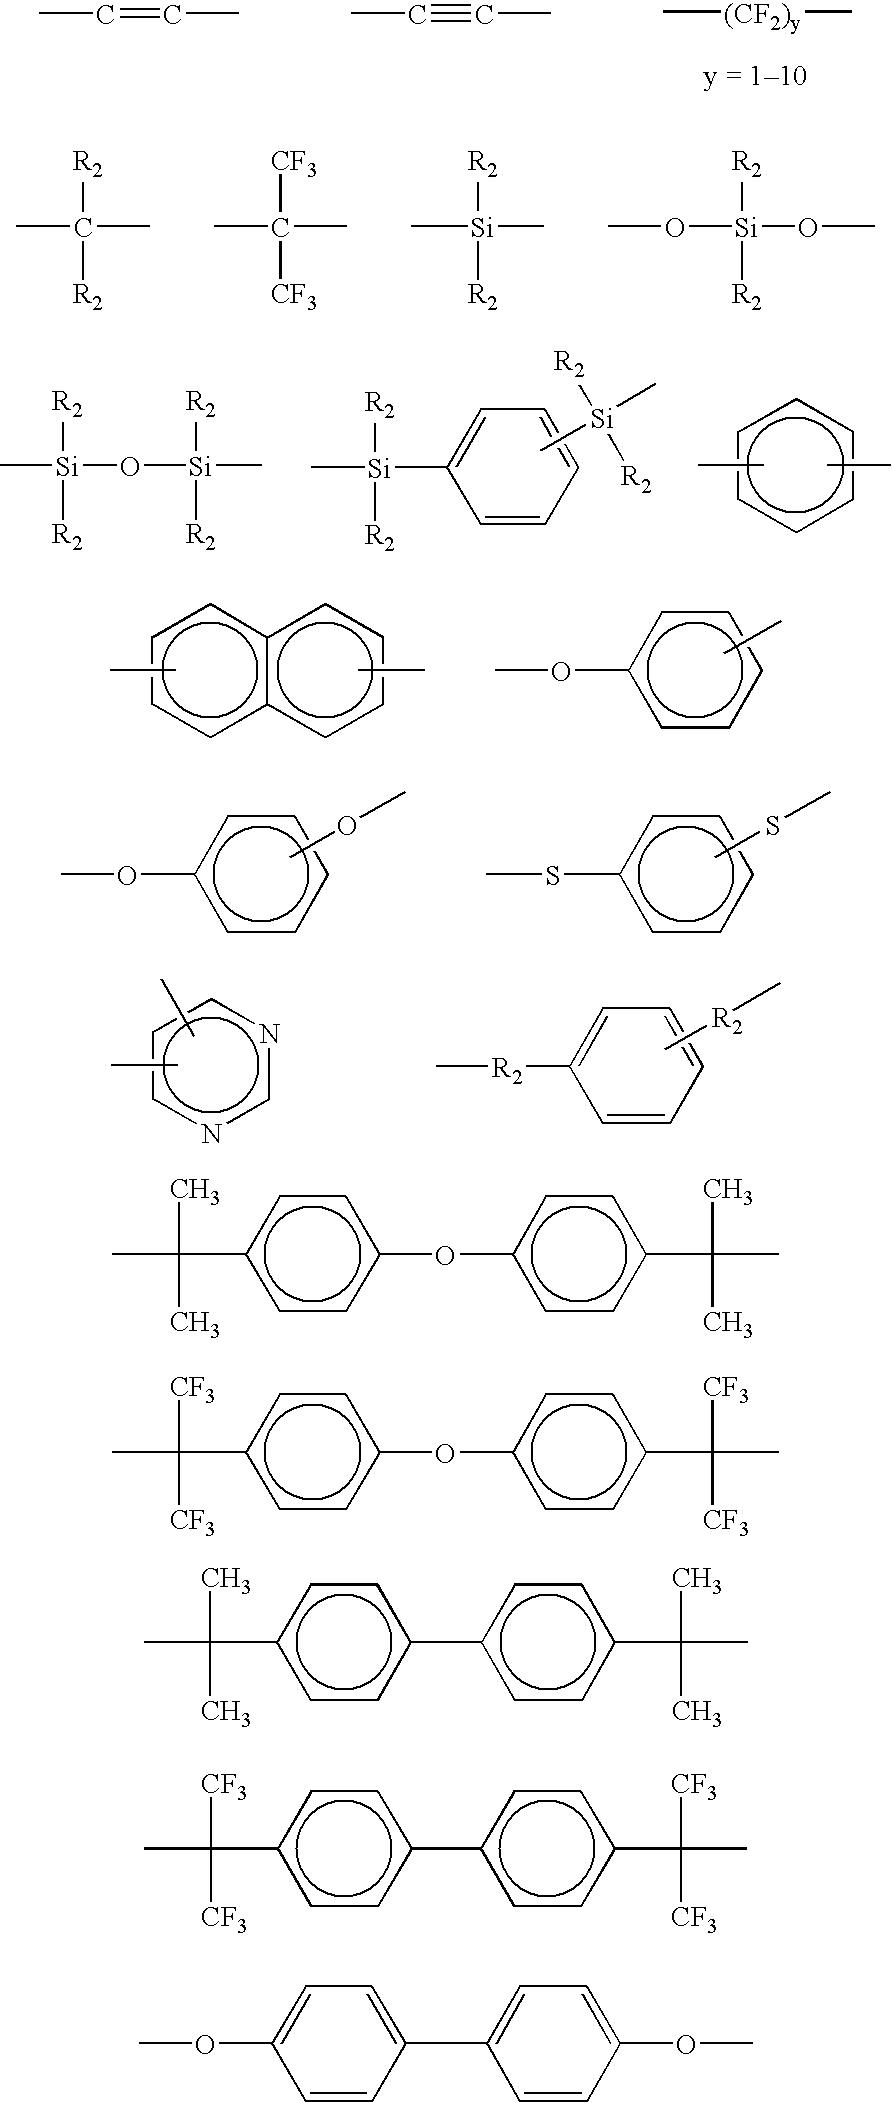 Figure US20060145149A1-20060706-C00004